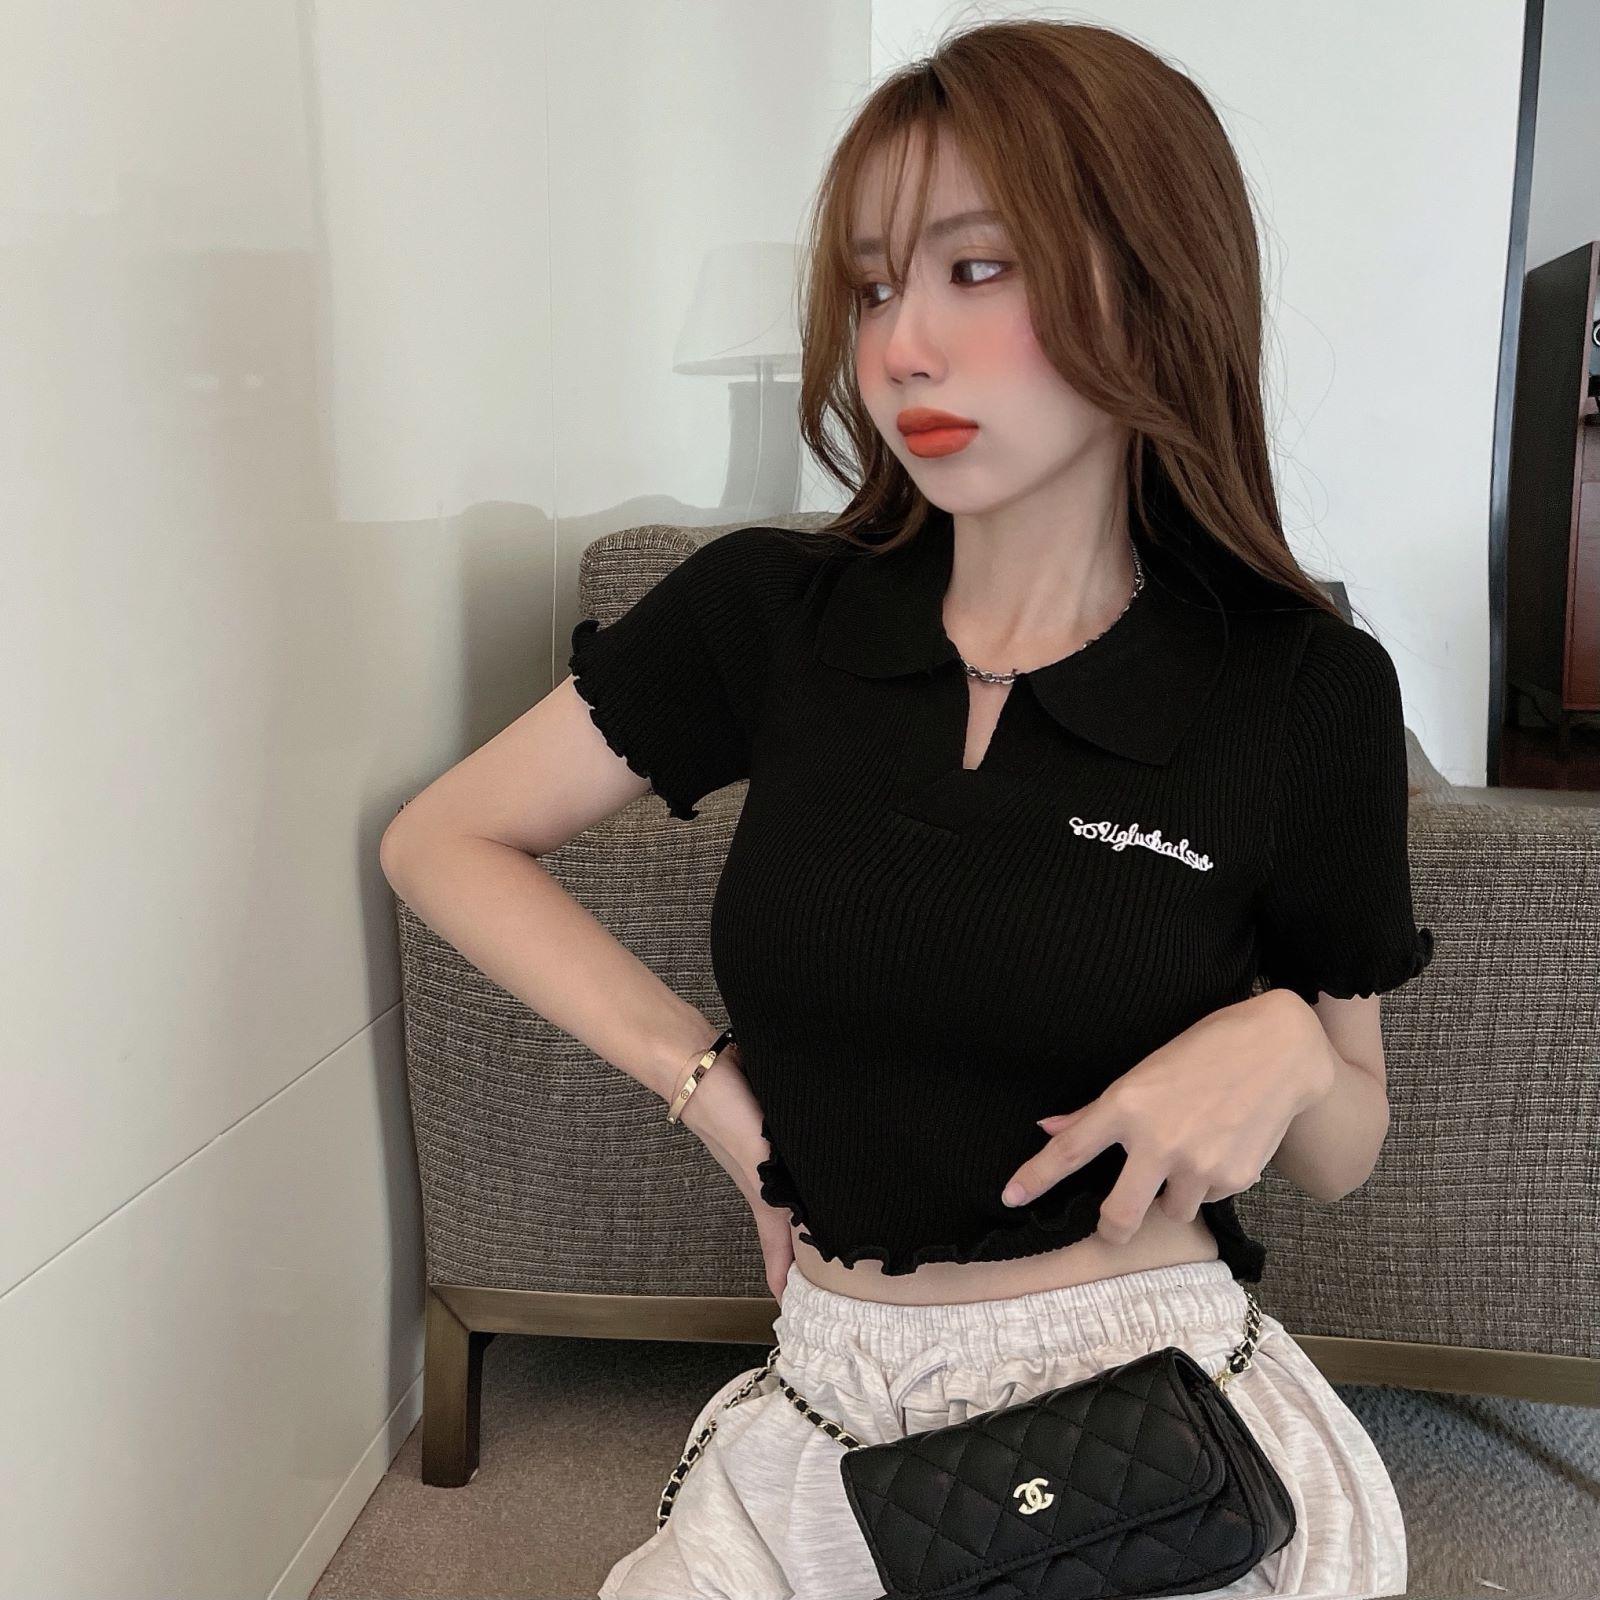 韓国 ファッション トップス Tシャツ カットソー 春 夏 カジュアル PTXK349  スキッパー リブ 襟付き ショート ウェーブ オルチャン シンプル 定番 セレカジの写真18枚目